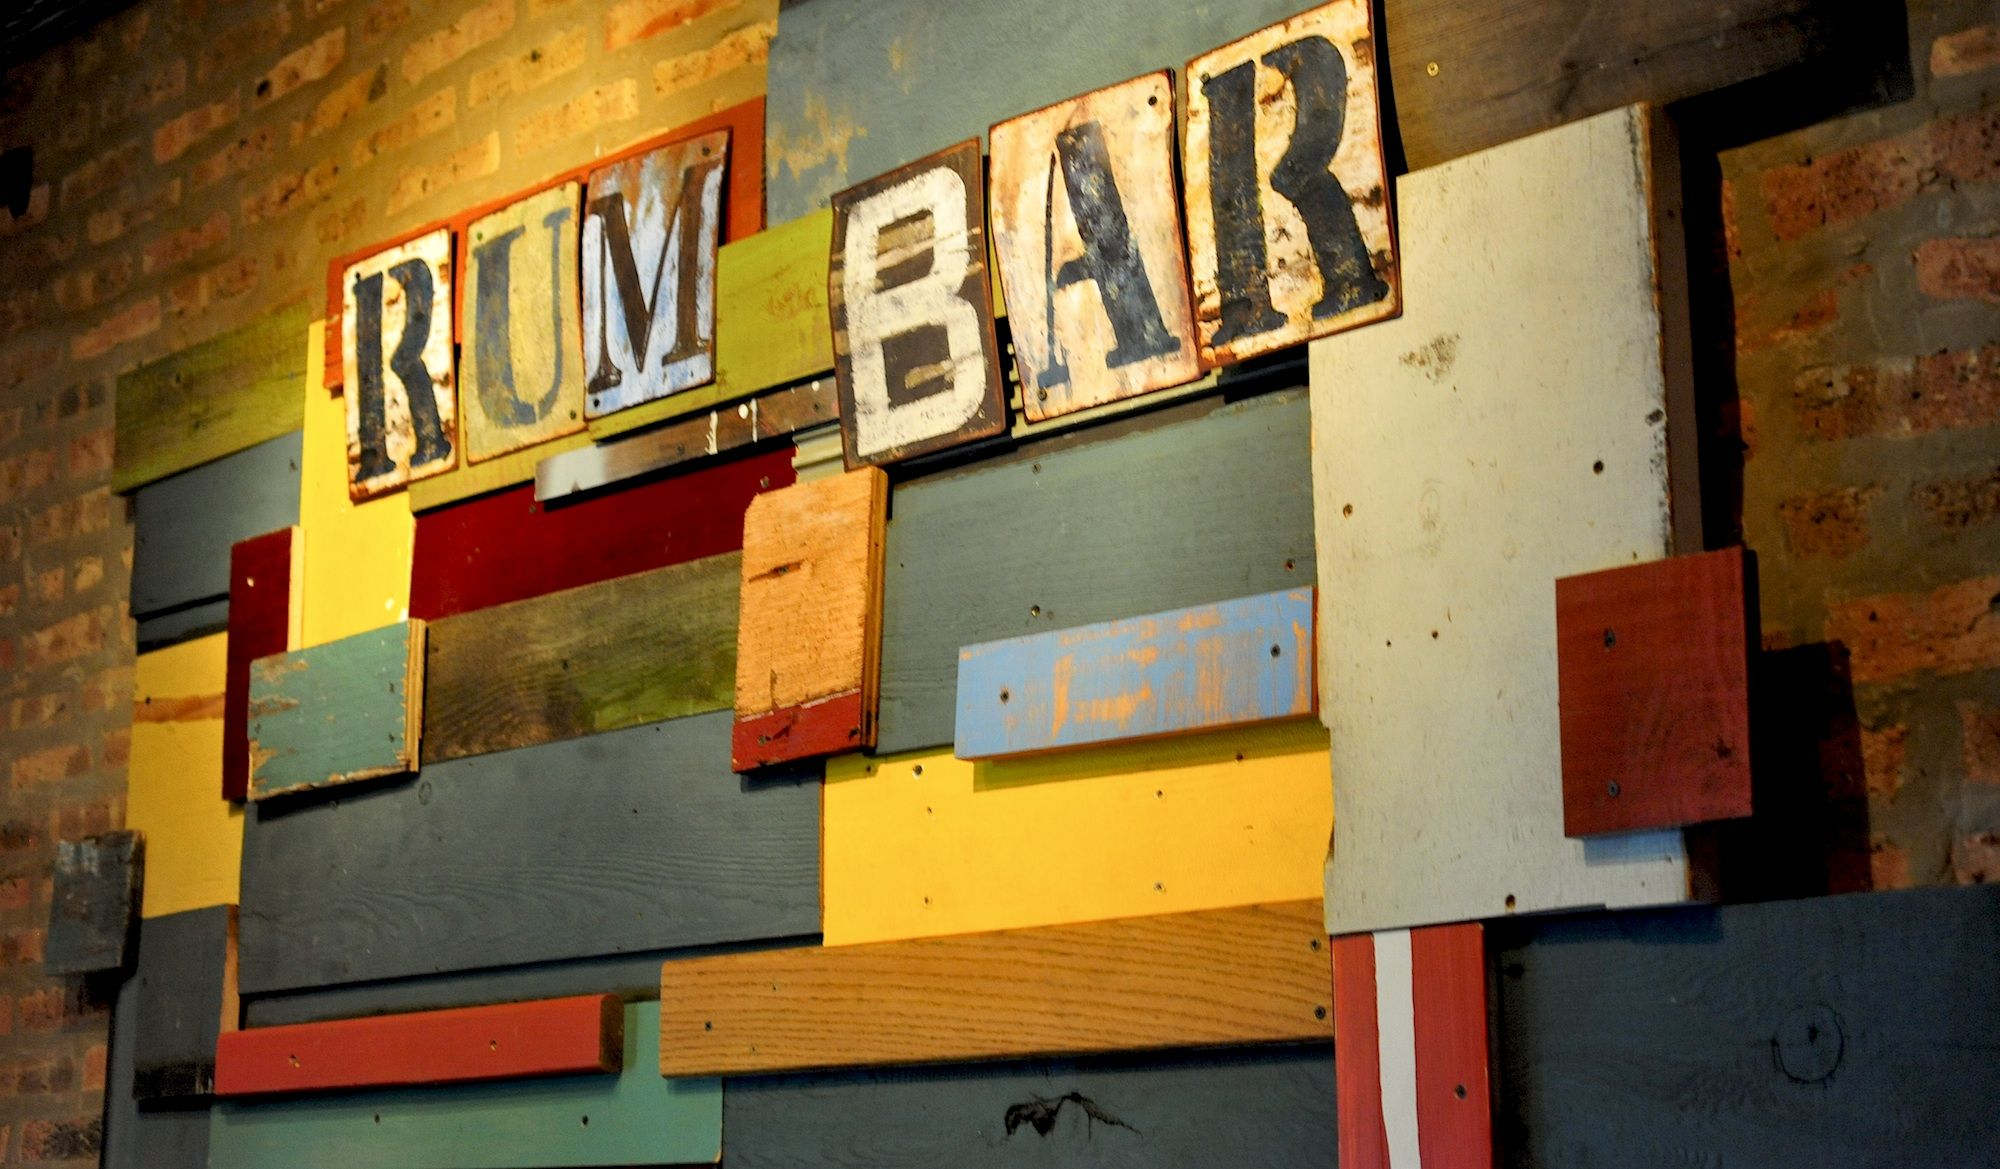 rum-bar-wall-image-paladar.jpg 2,000×1,169 pixels | Cuba Mood ...